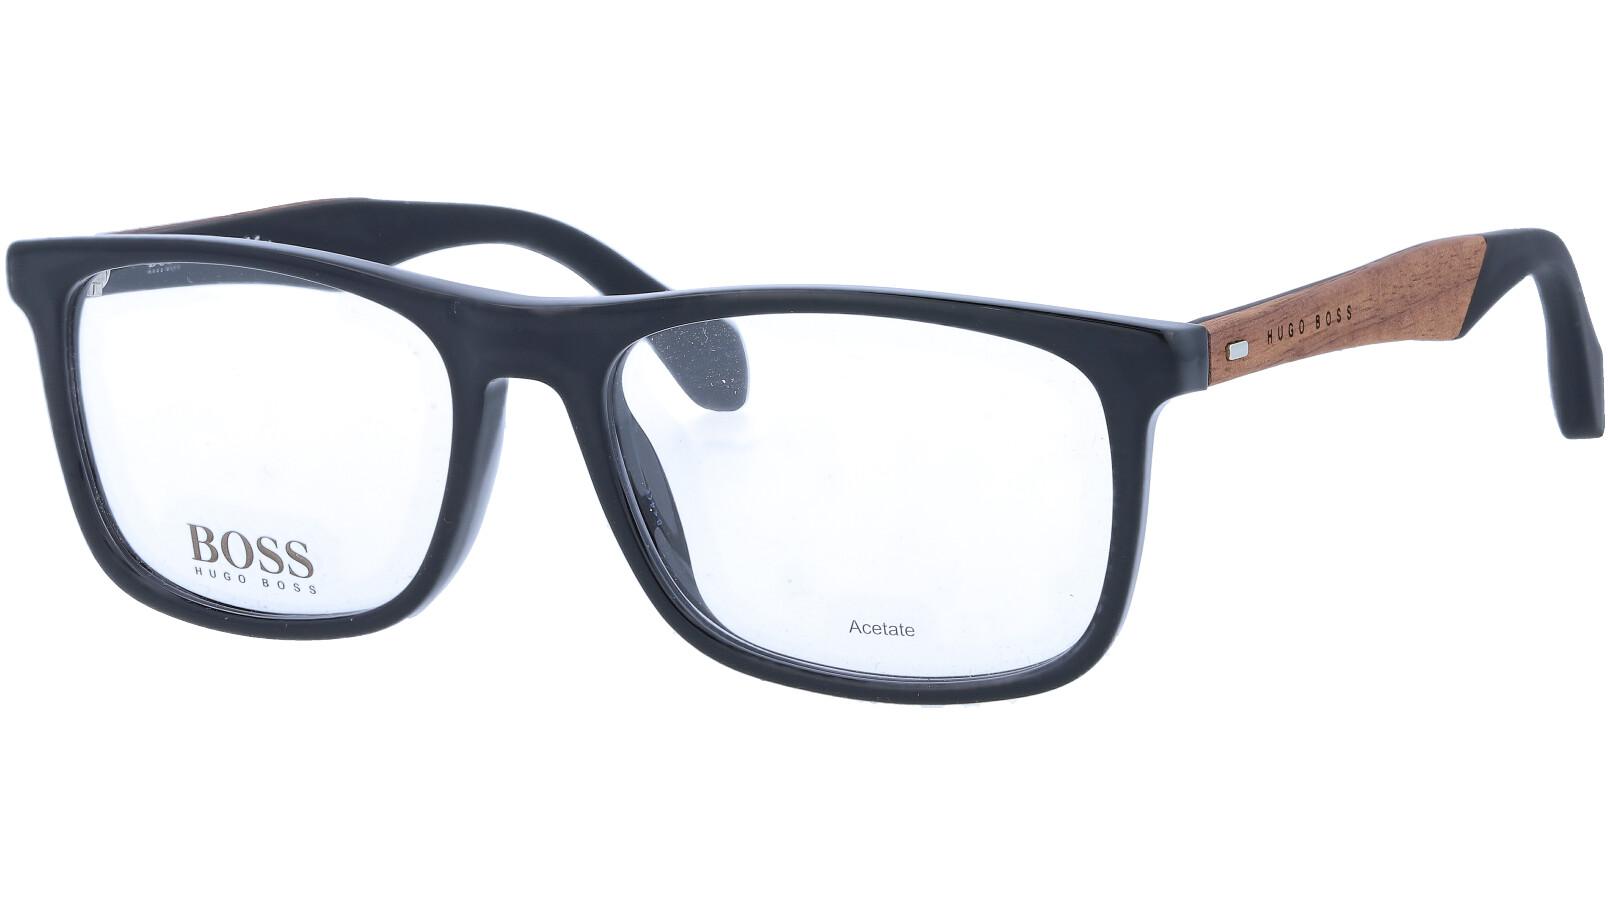 Hugo Boss BOSS0779 807 54 Black Glasses